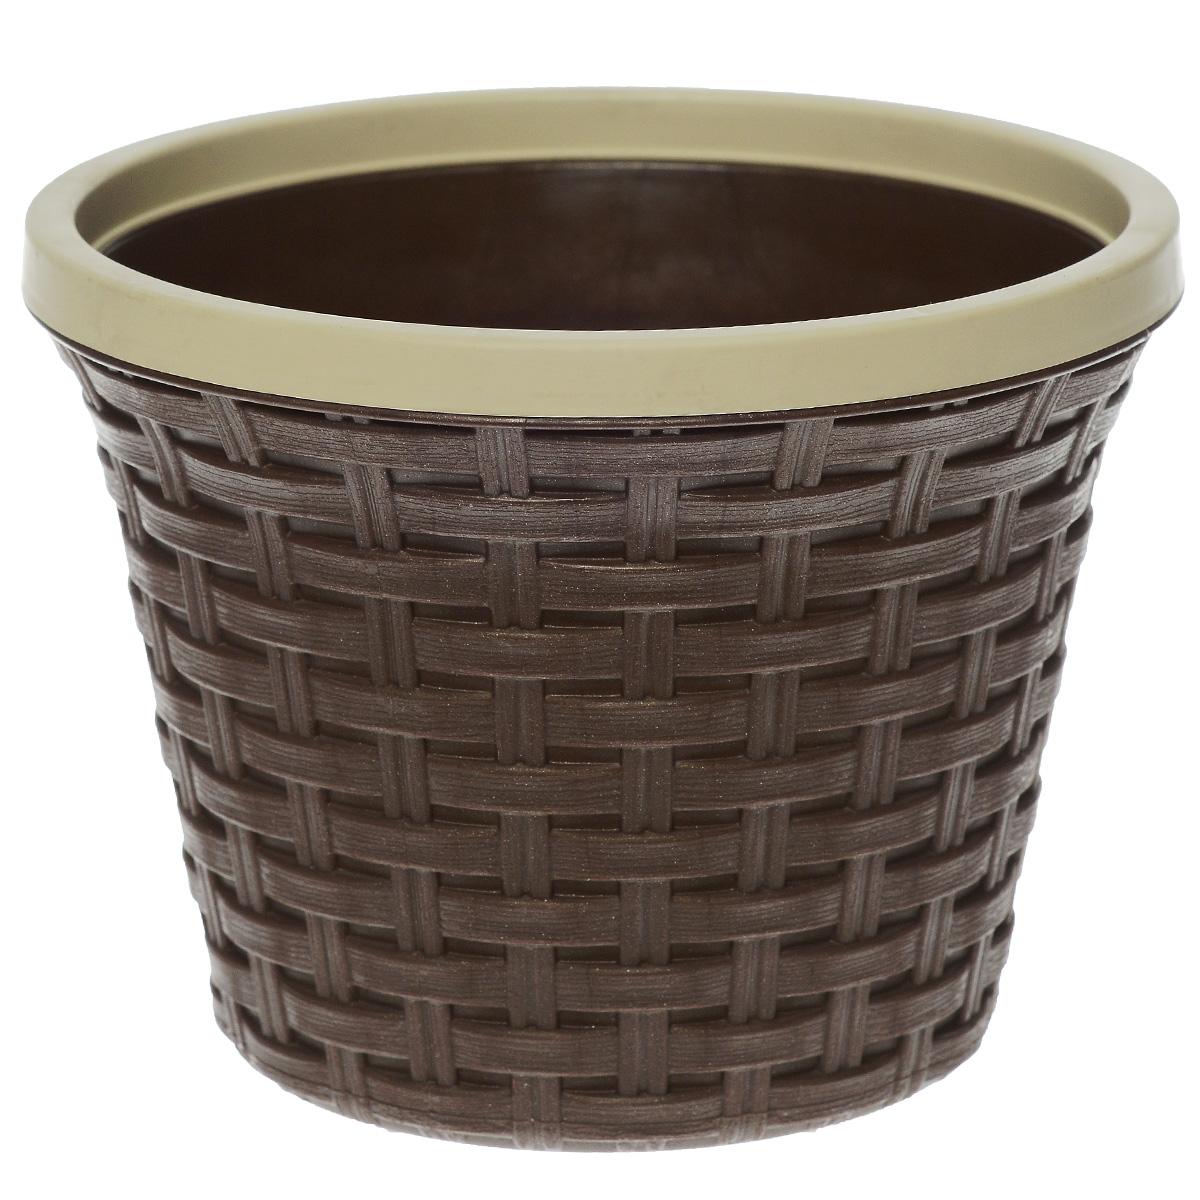 Кашпо Violet Ротанг, с дренажной системой, цвет: коричневый, 2,2 лZ-0307Кашпо Violet Ротанг изготовлено из высококачественного пластика и оснащено дренажной системой для быстрого отведения избытка воды при поливе. Изделие прекрасно подходит для выращивания растений и цветов в домашних условиях. Лаконичный дизайн впишется в интерьер любого помещения.Объем: 2,2 л.